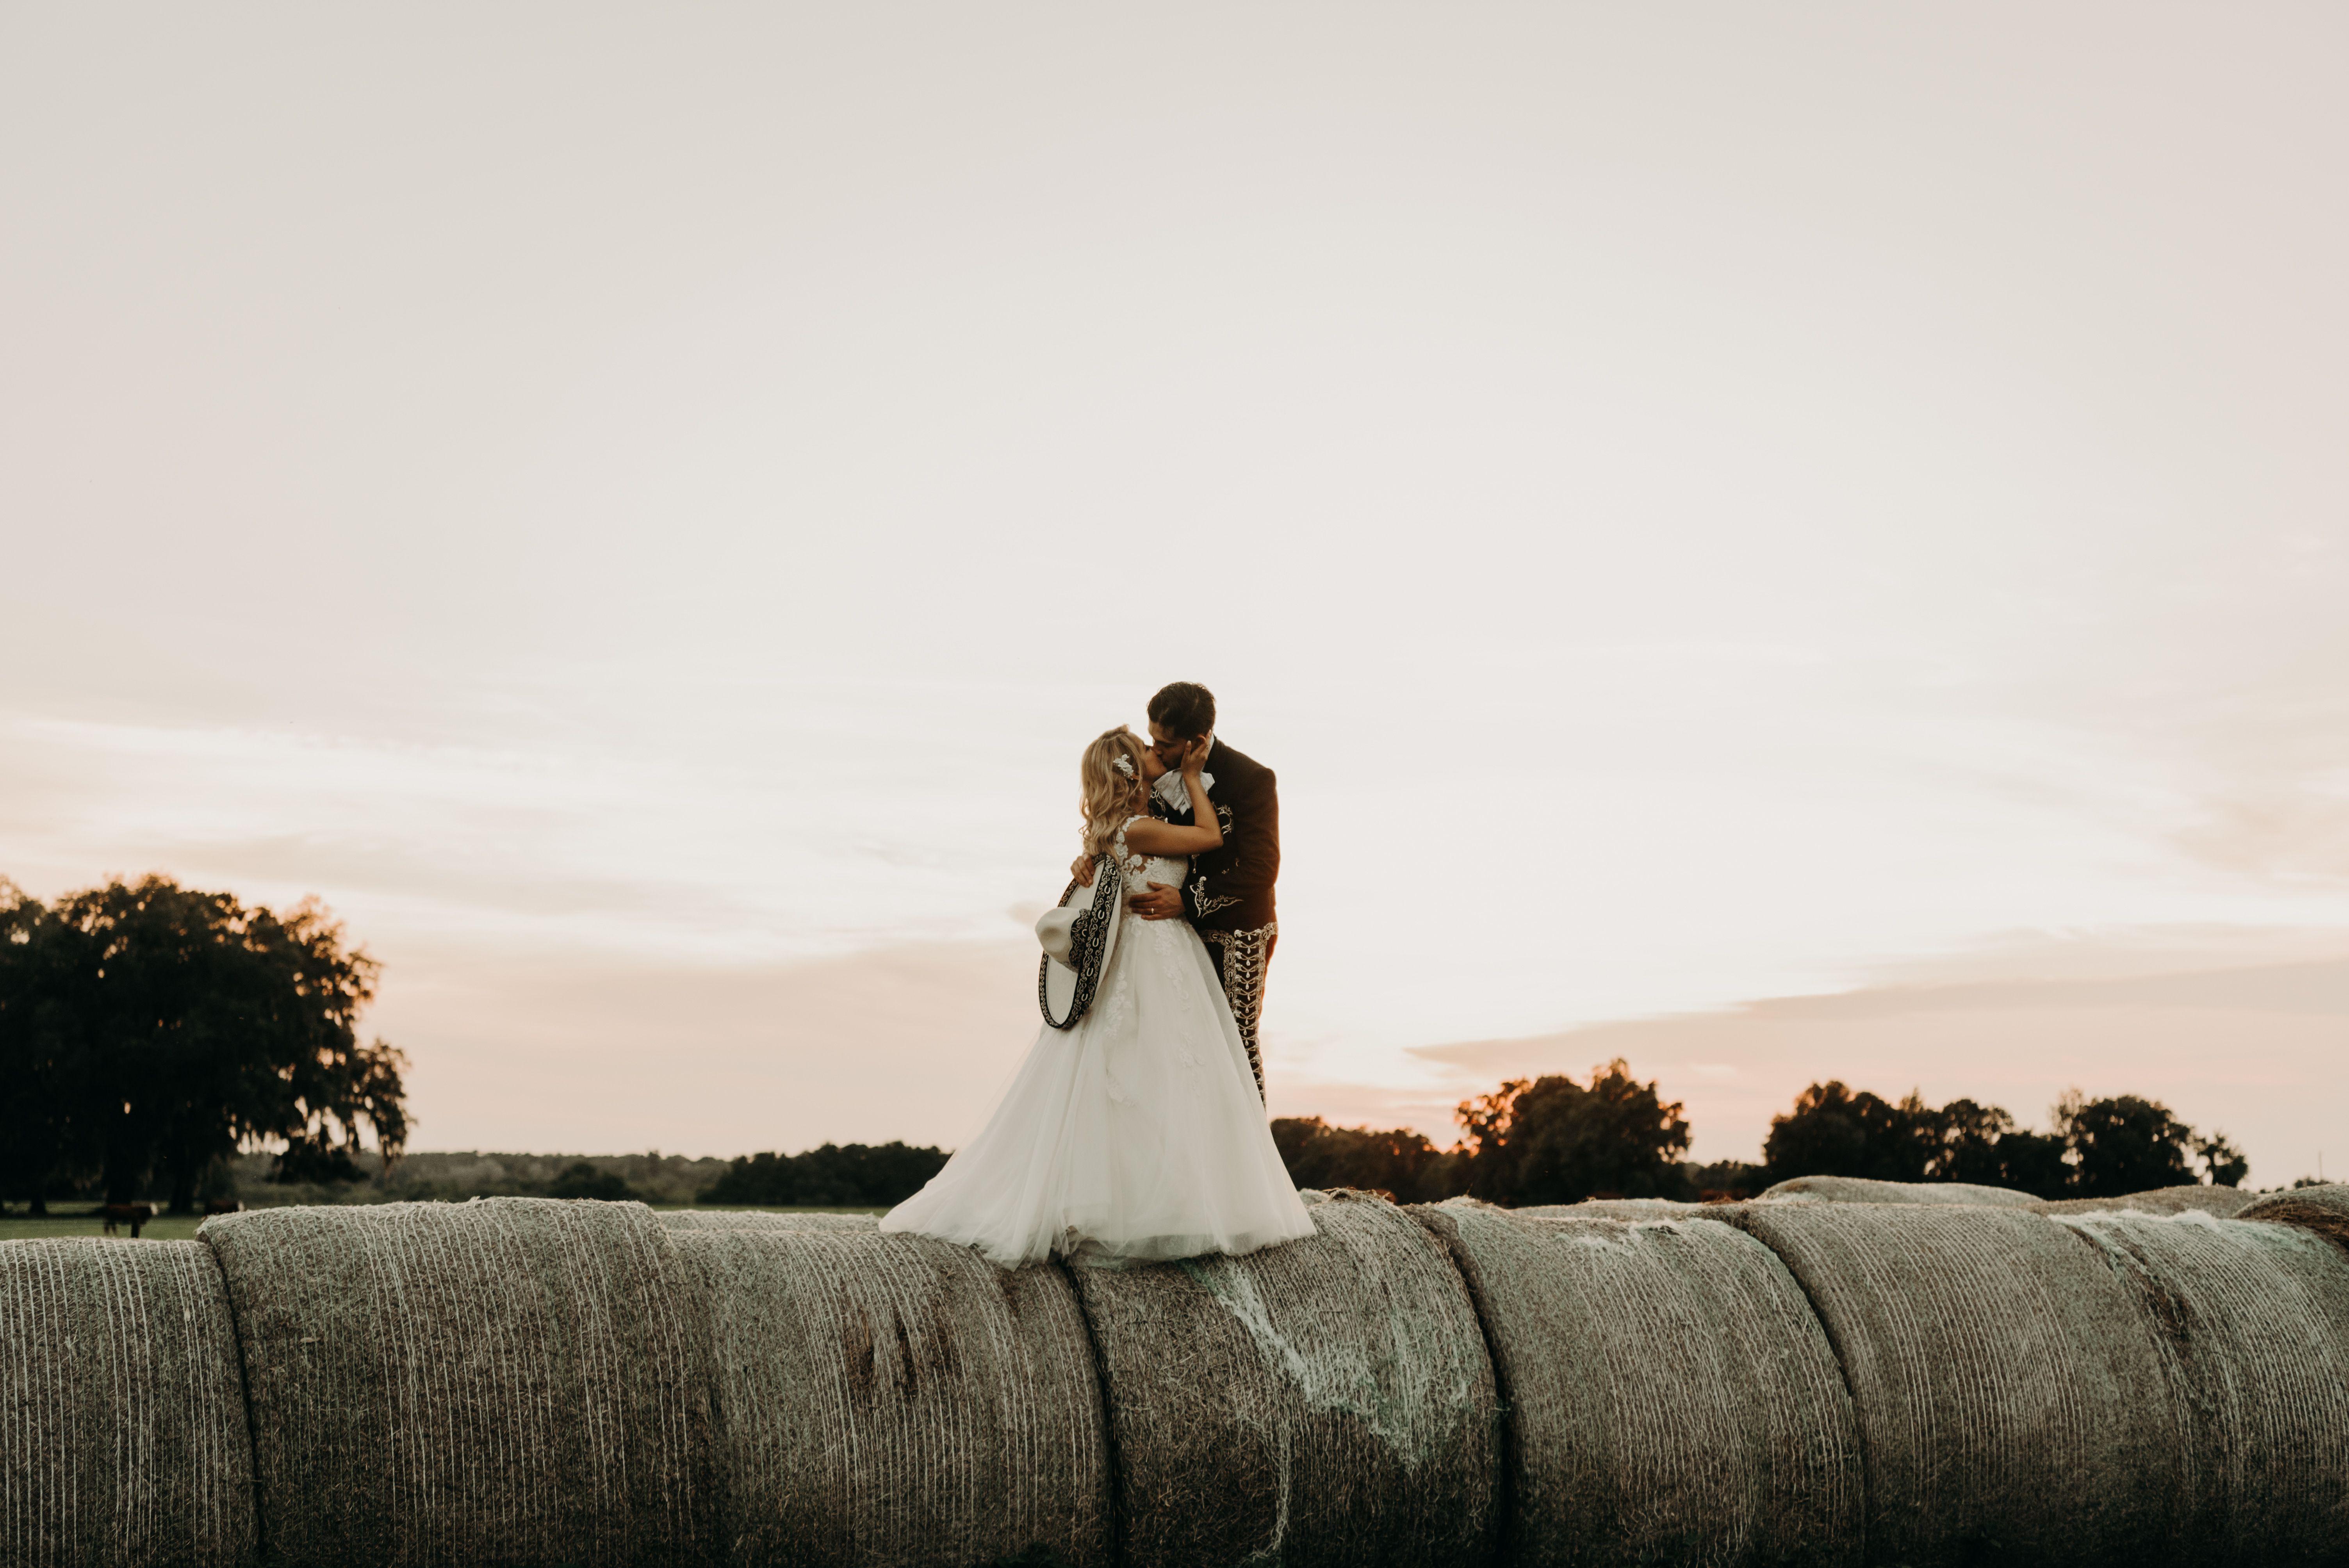 Book Your Wedding Photographer Now Wedding Photography And Videography Wedding Photographers Our Wedding